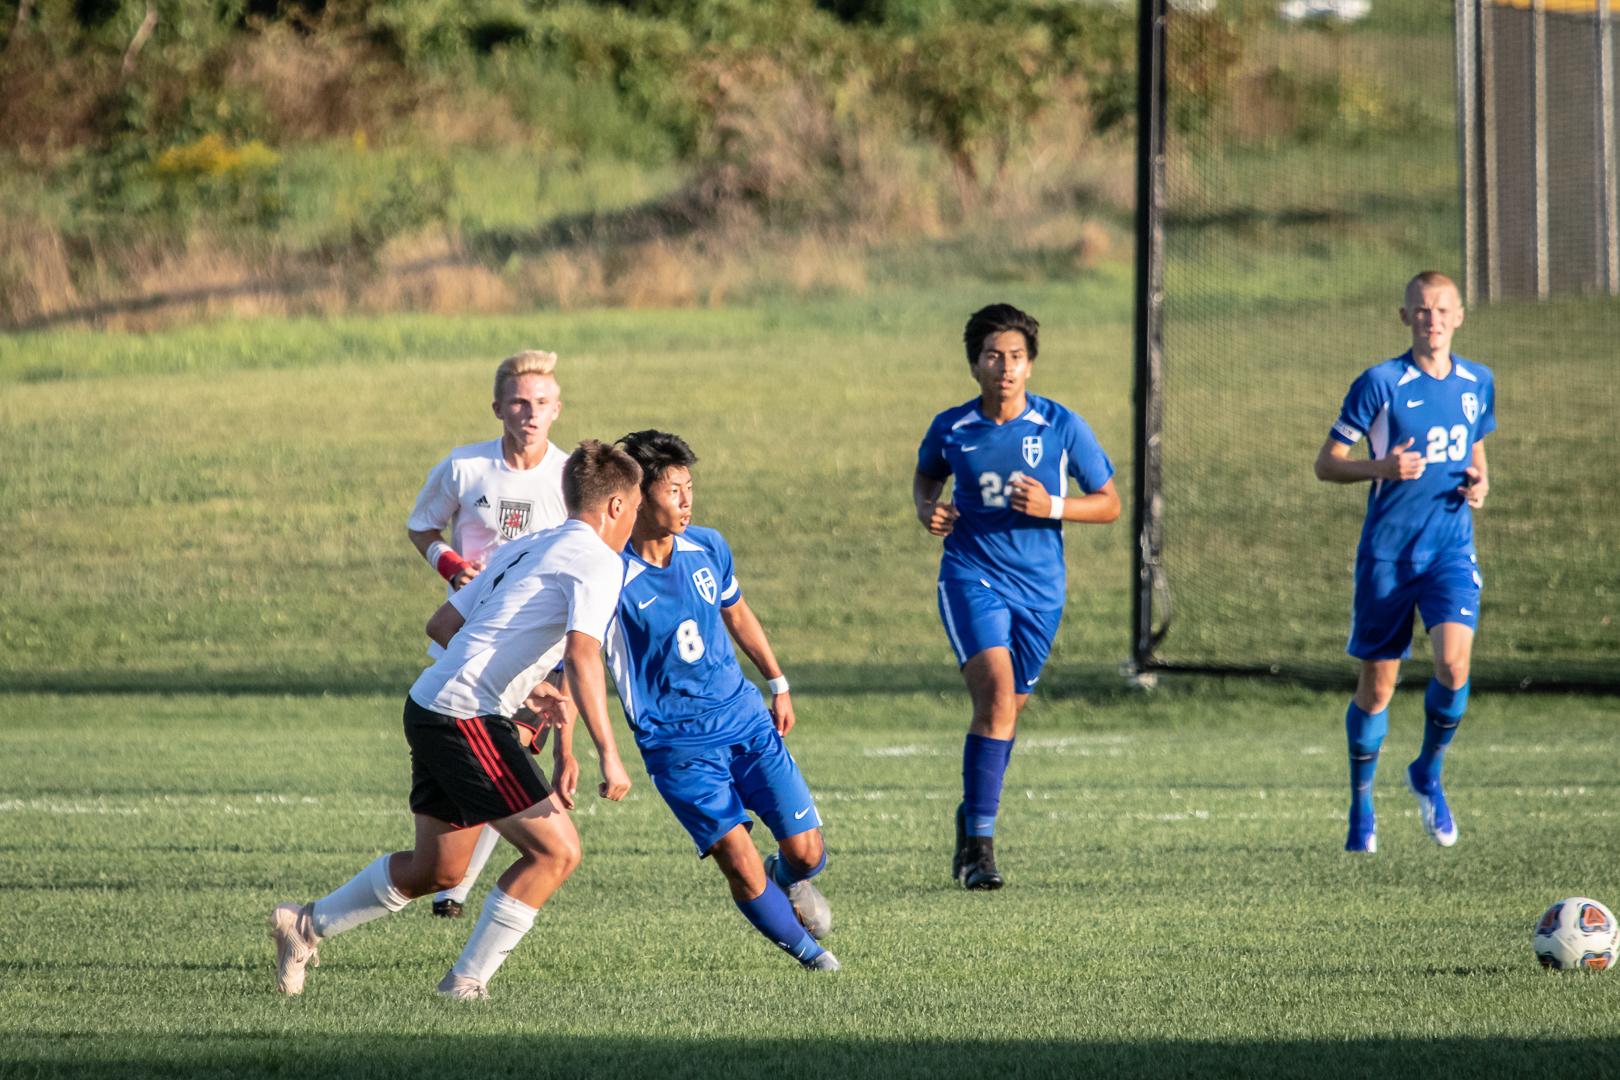 Marian-Varsity-Boys-Soccer-9329.jpg